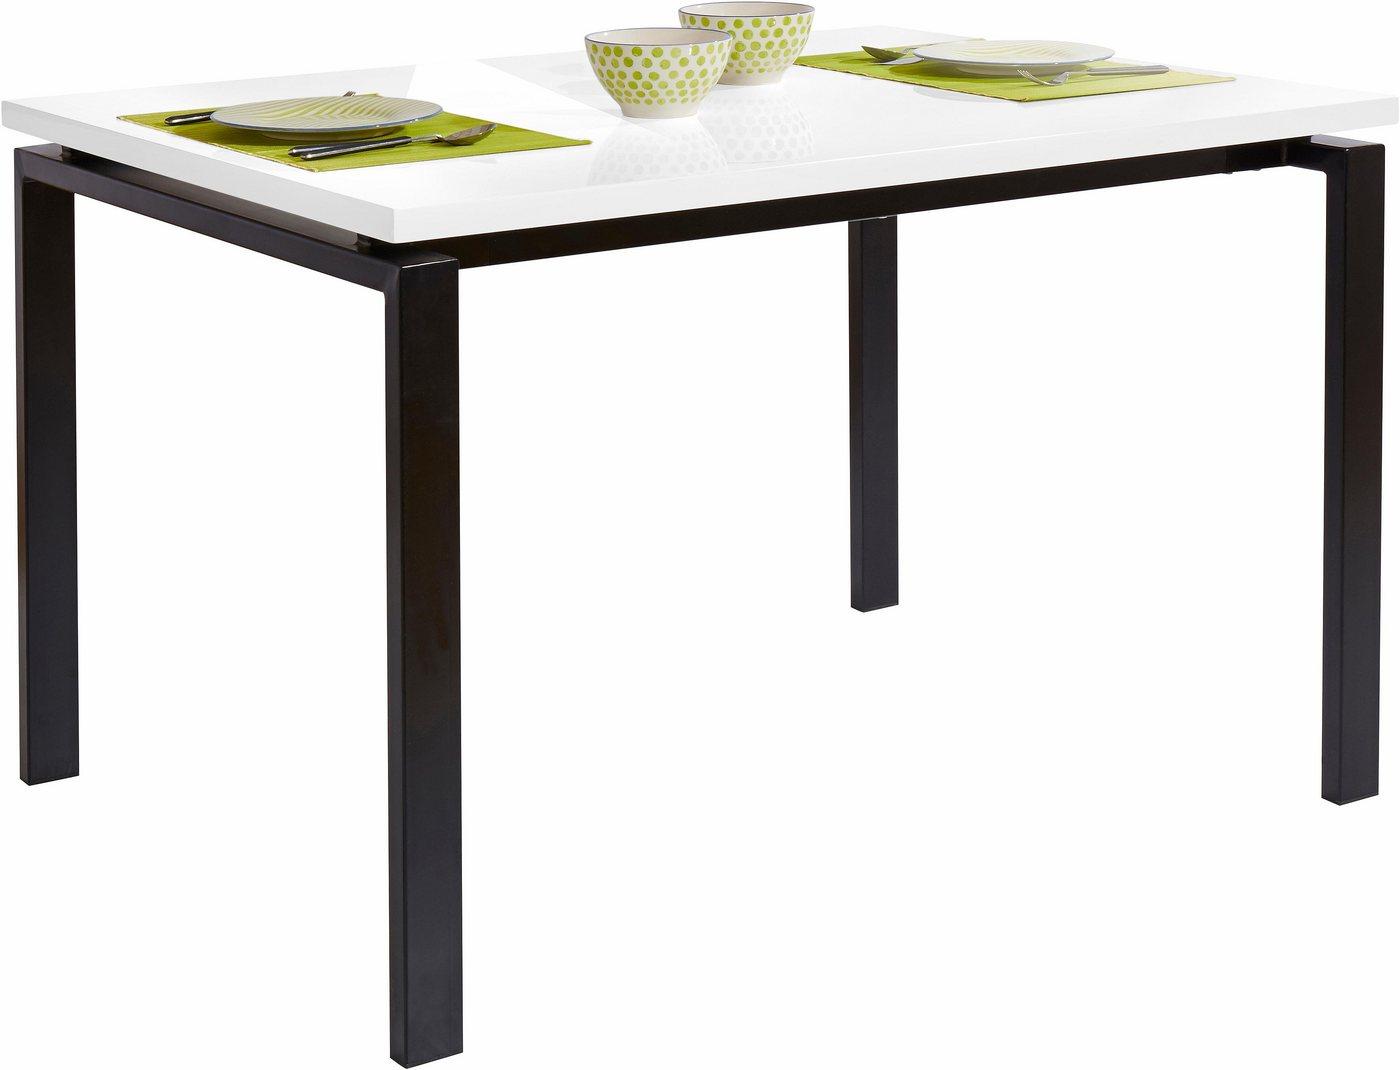 20 sparen esstisch mit metallgestell ab 199 99. Black Bedroom Furniture Sets. Home Design Ideas